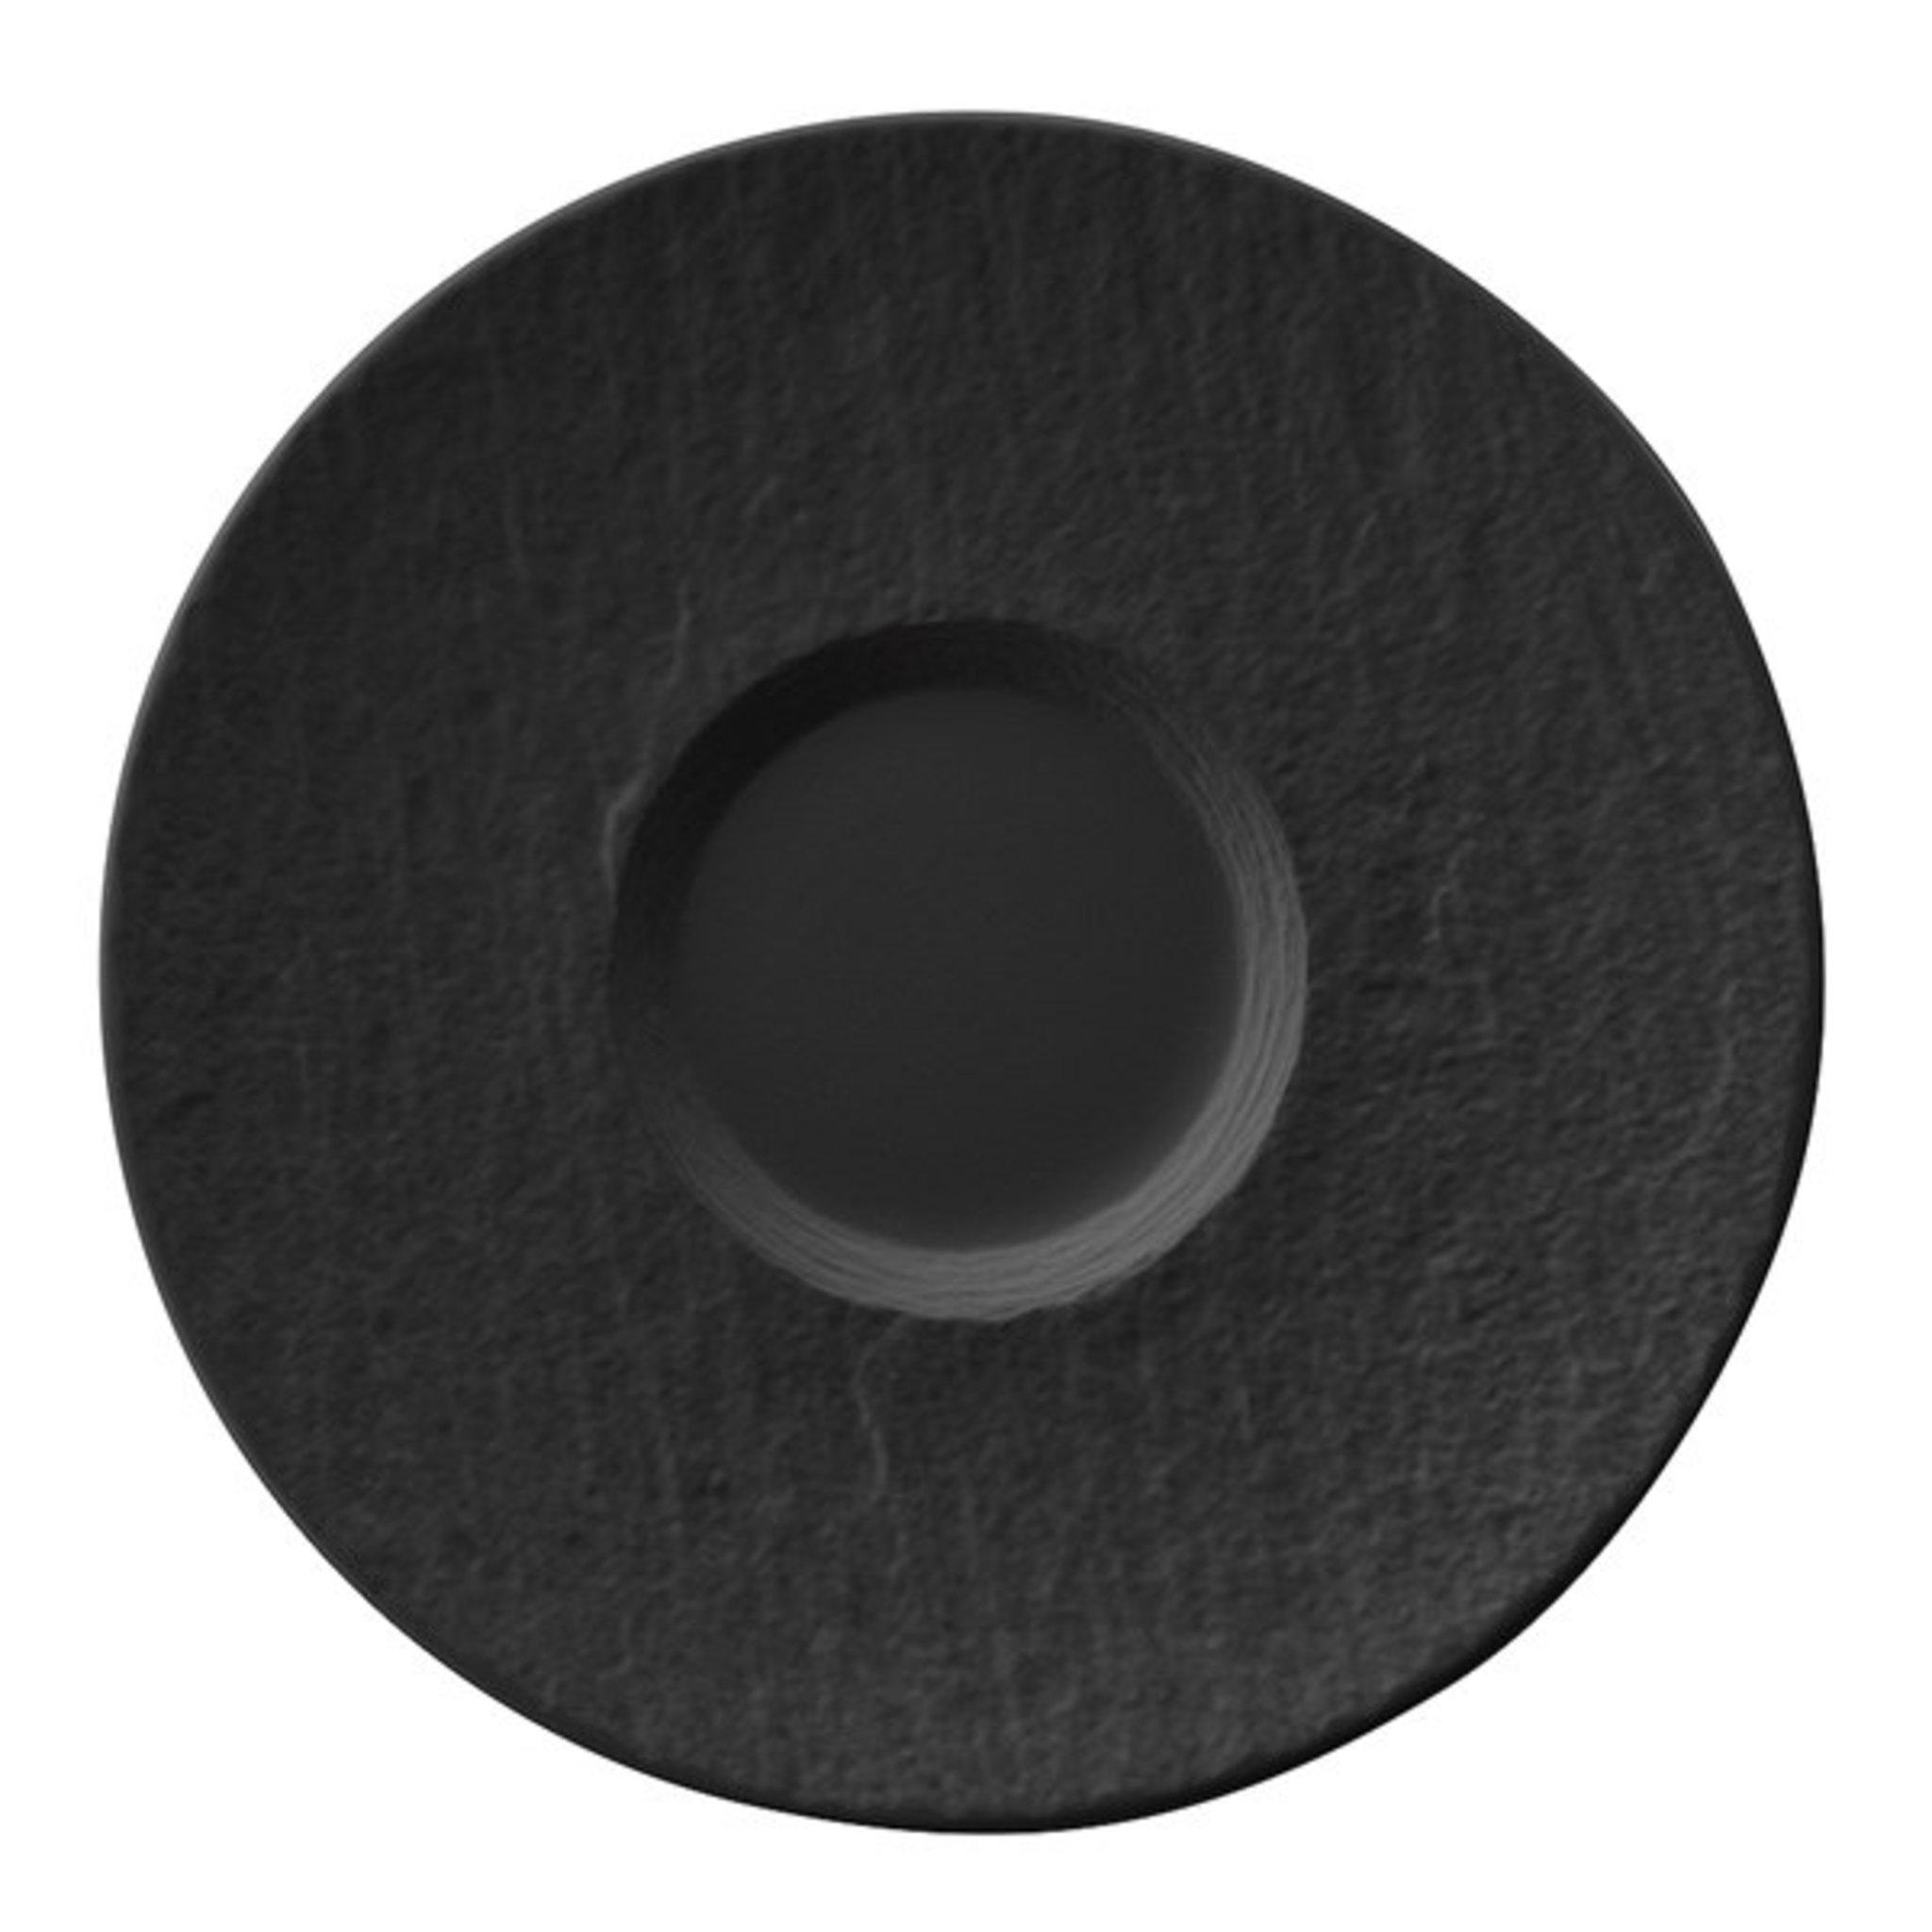 Fat Manufacture Rock 17 cm